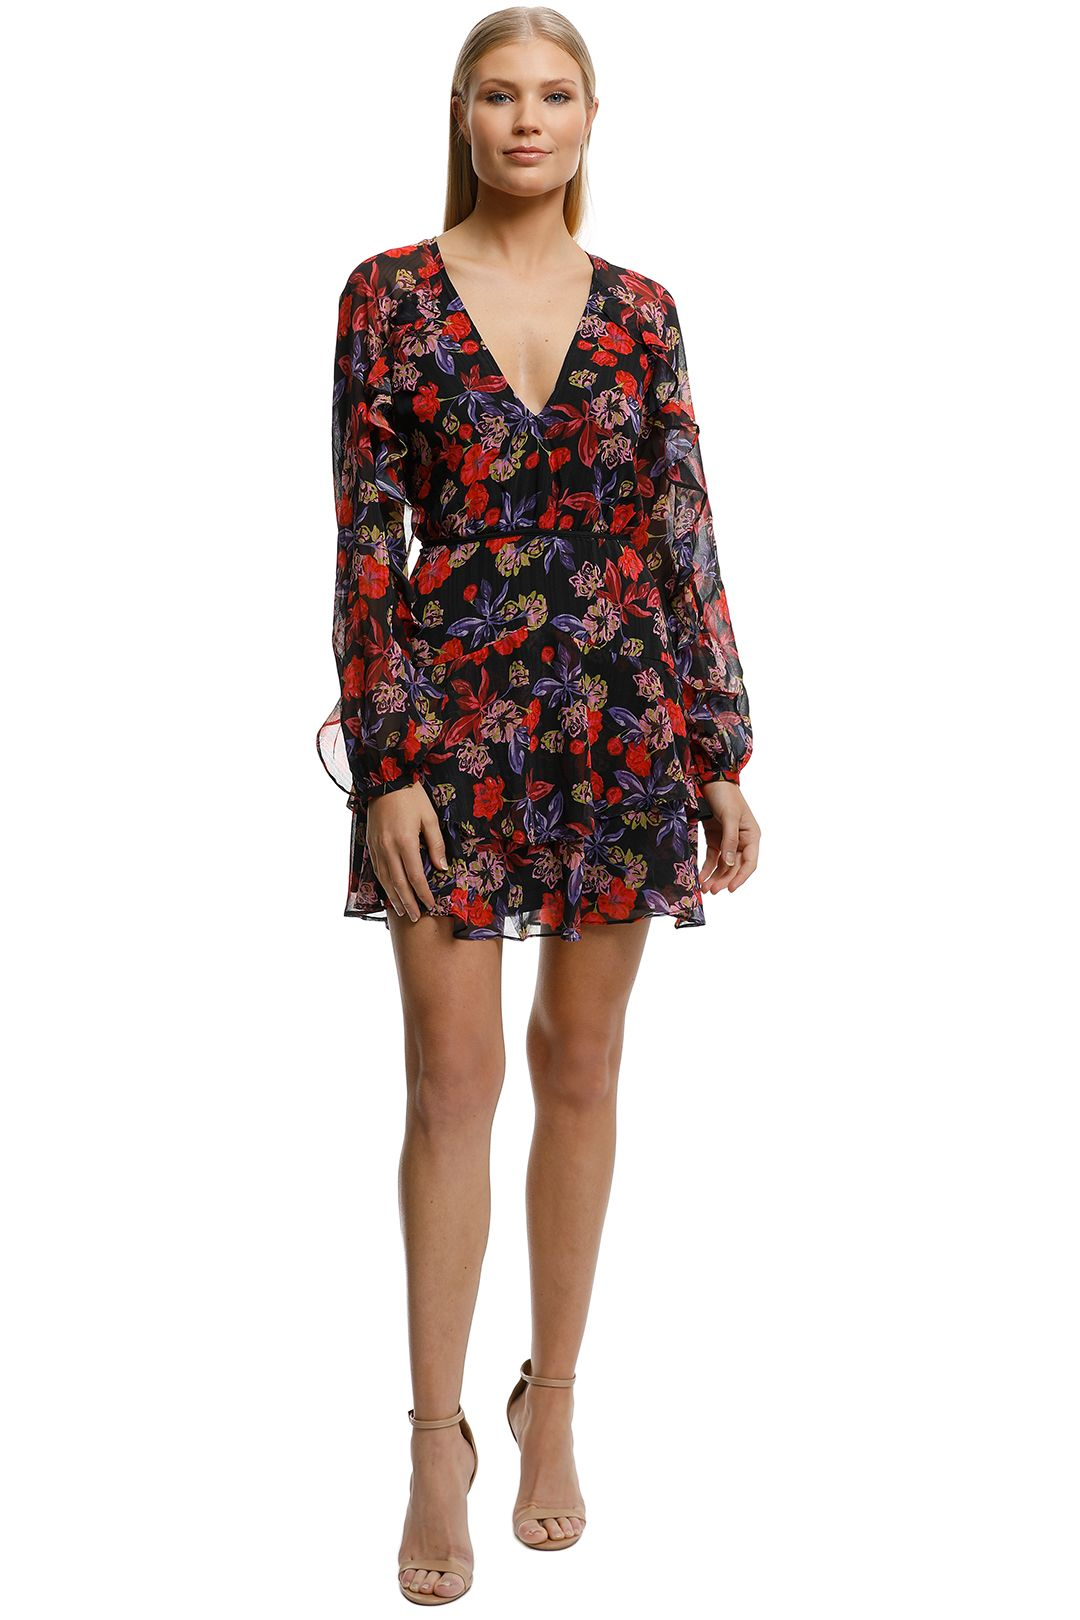 Talulah-Love-Token-Mini-Dress-Vintage-Floral-Front